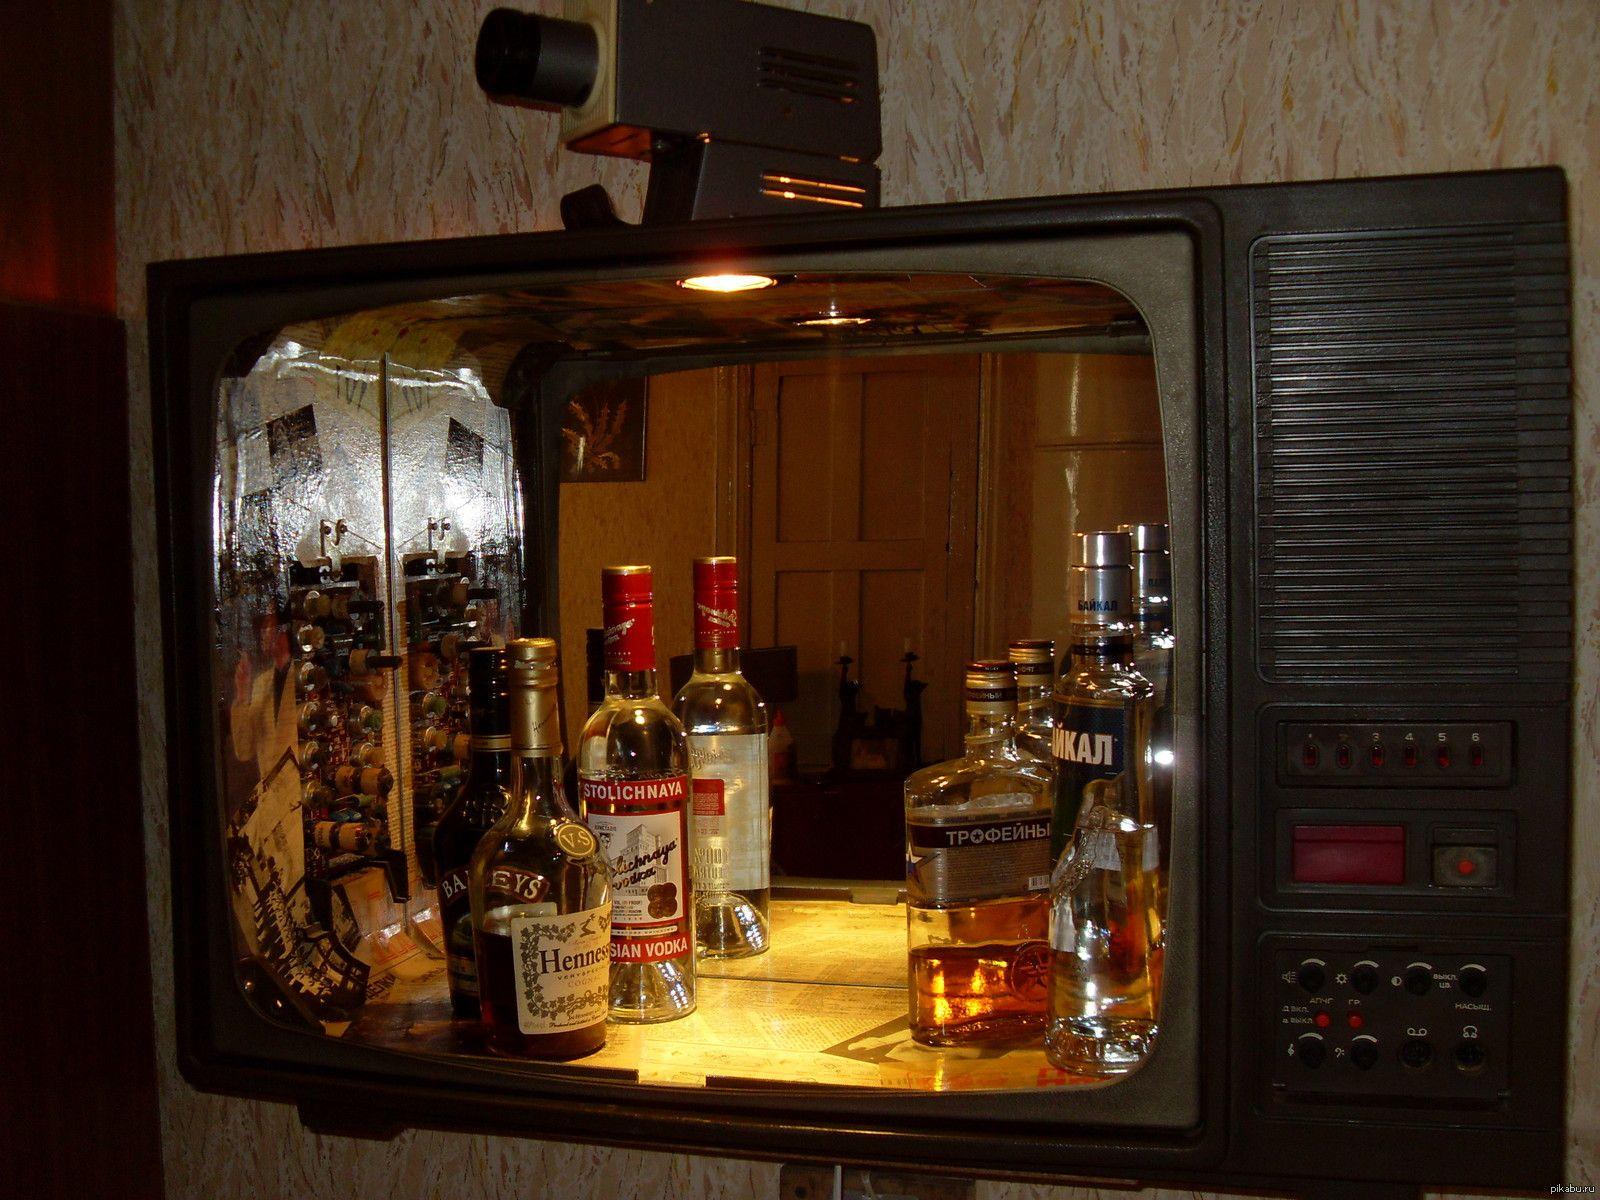 Мини бар своими руками из старого телевизора